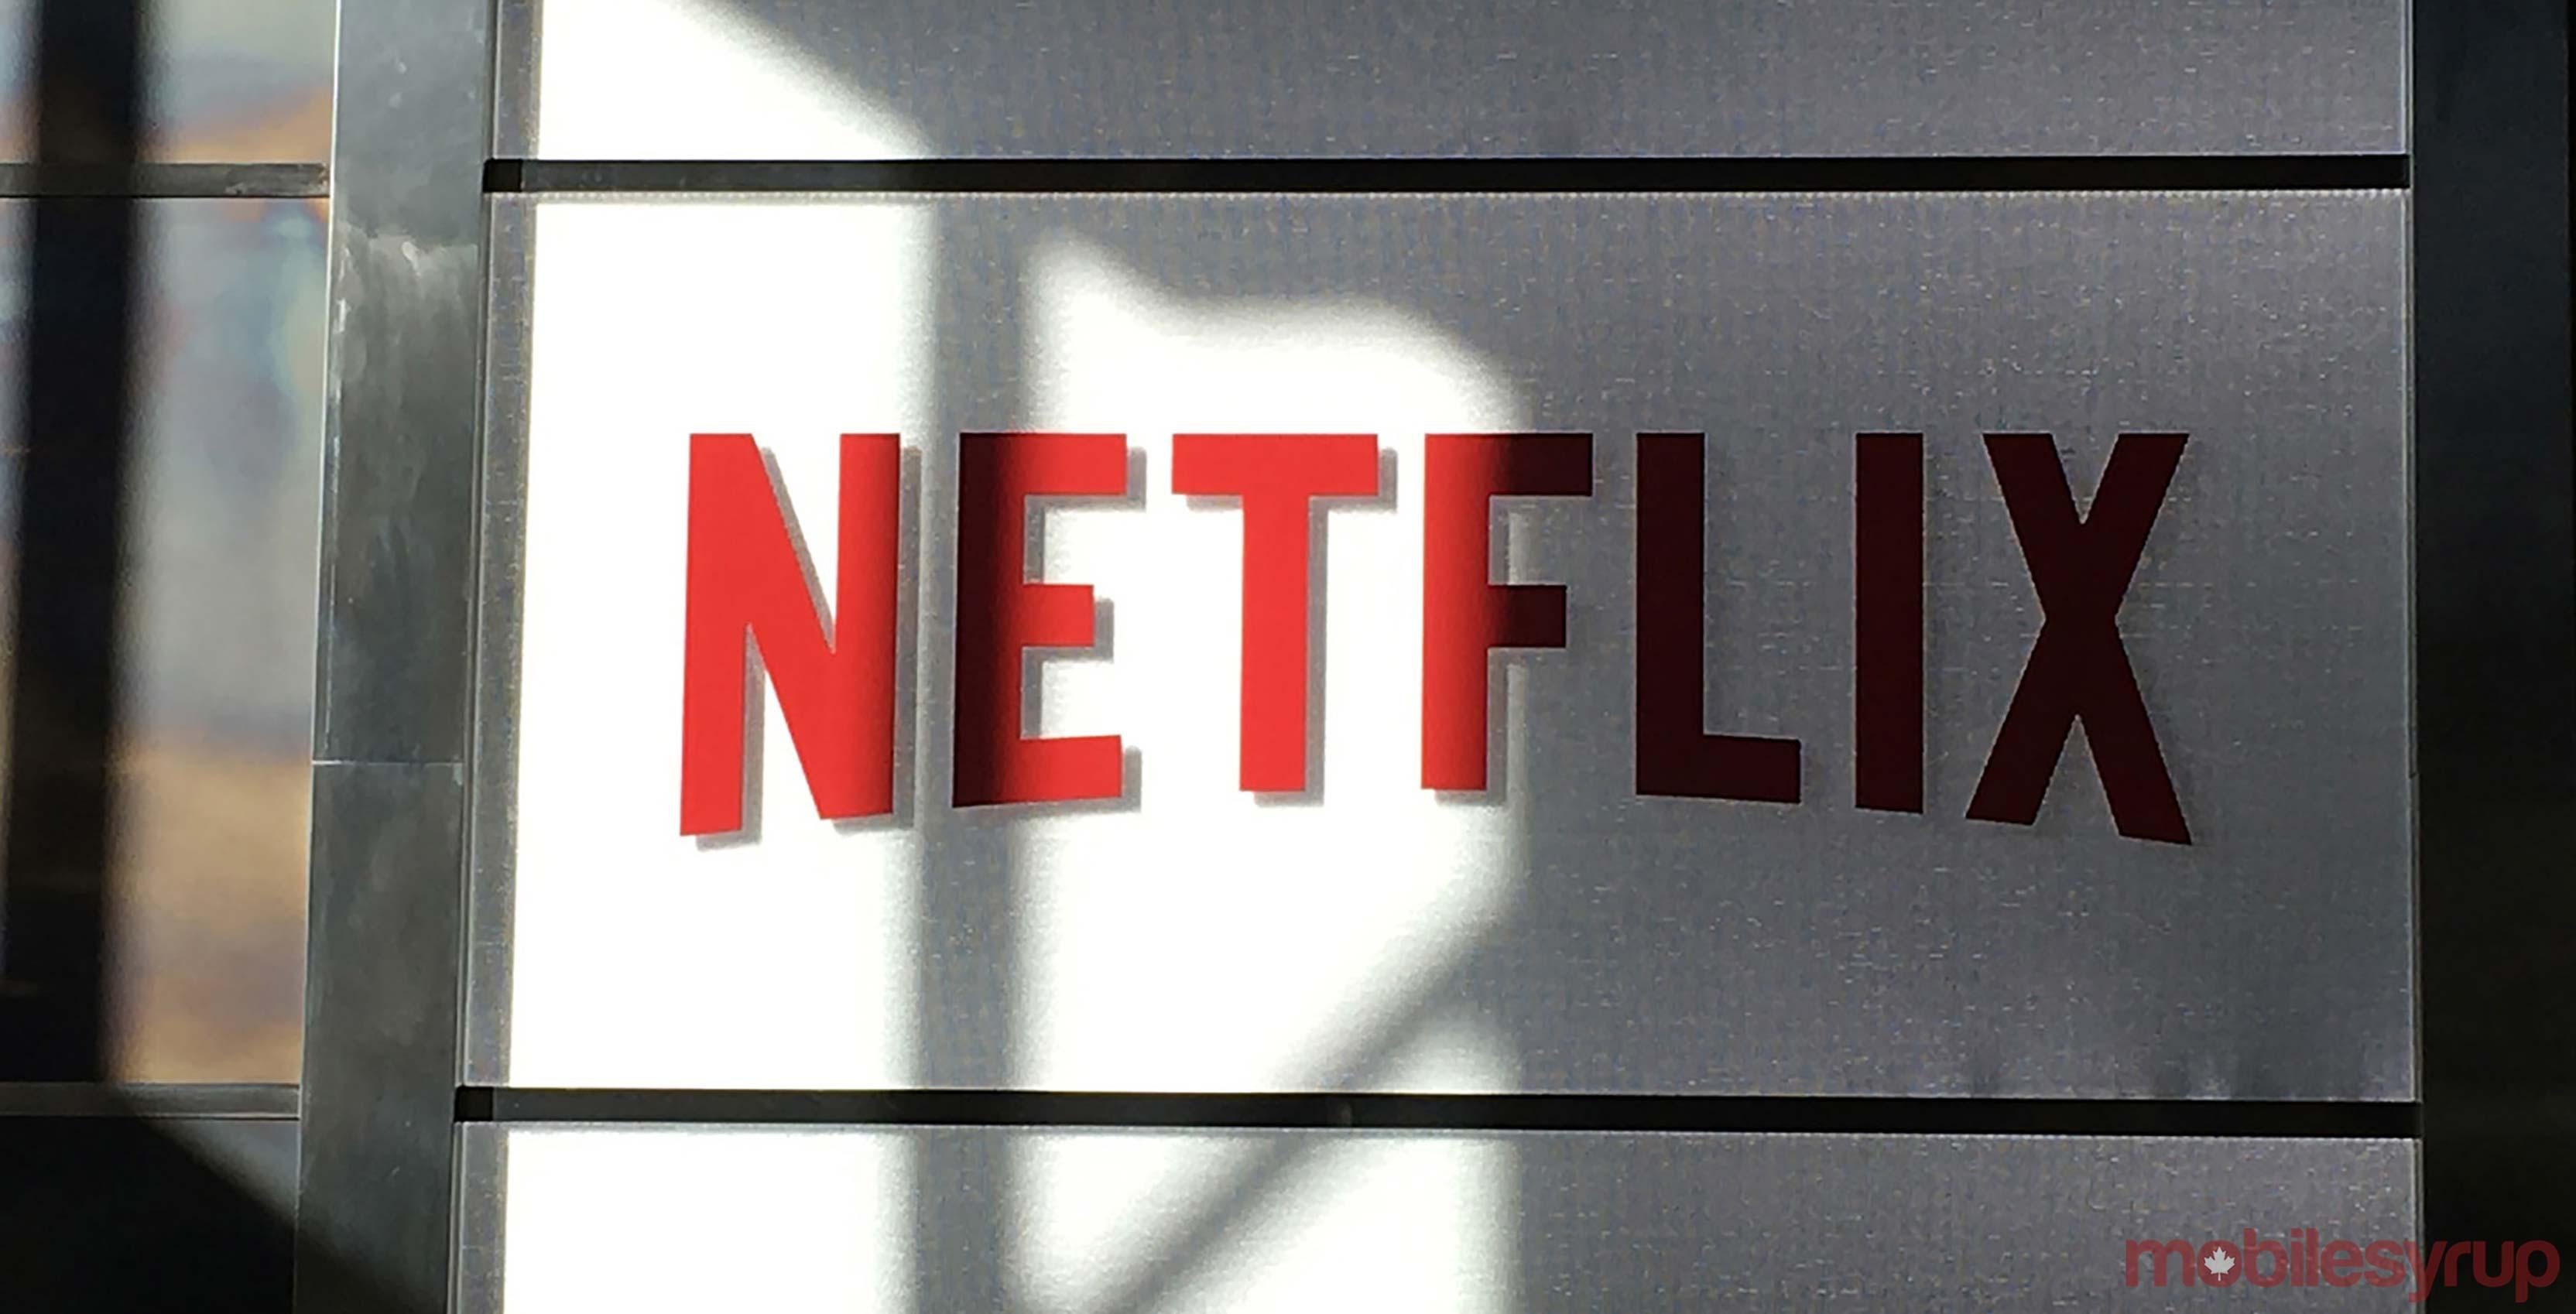 Netflix sign